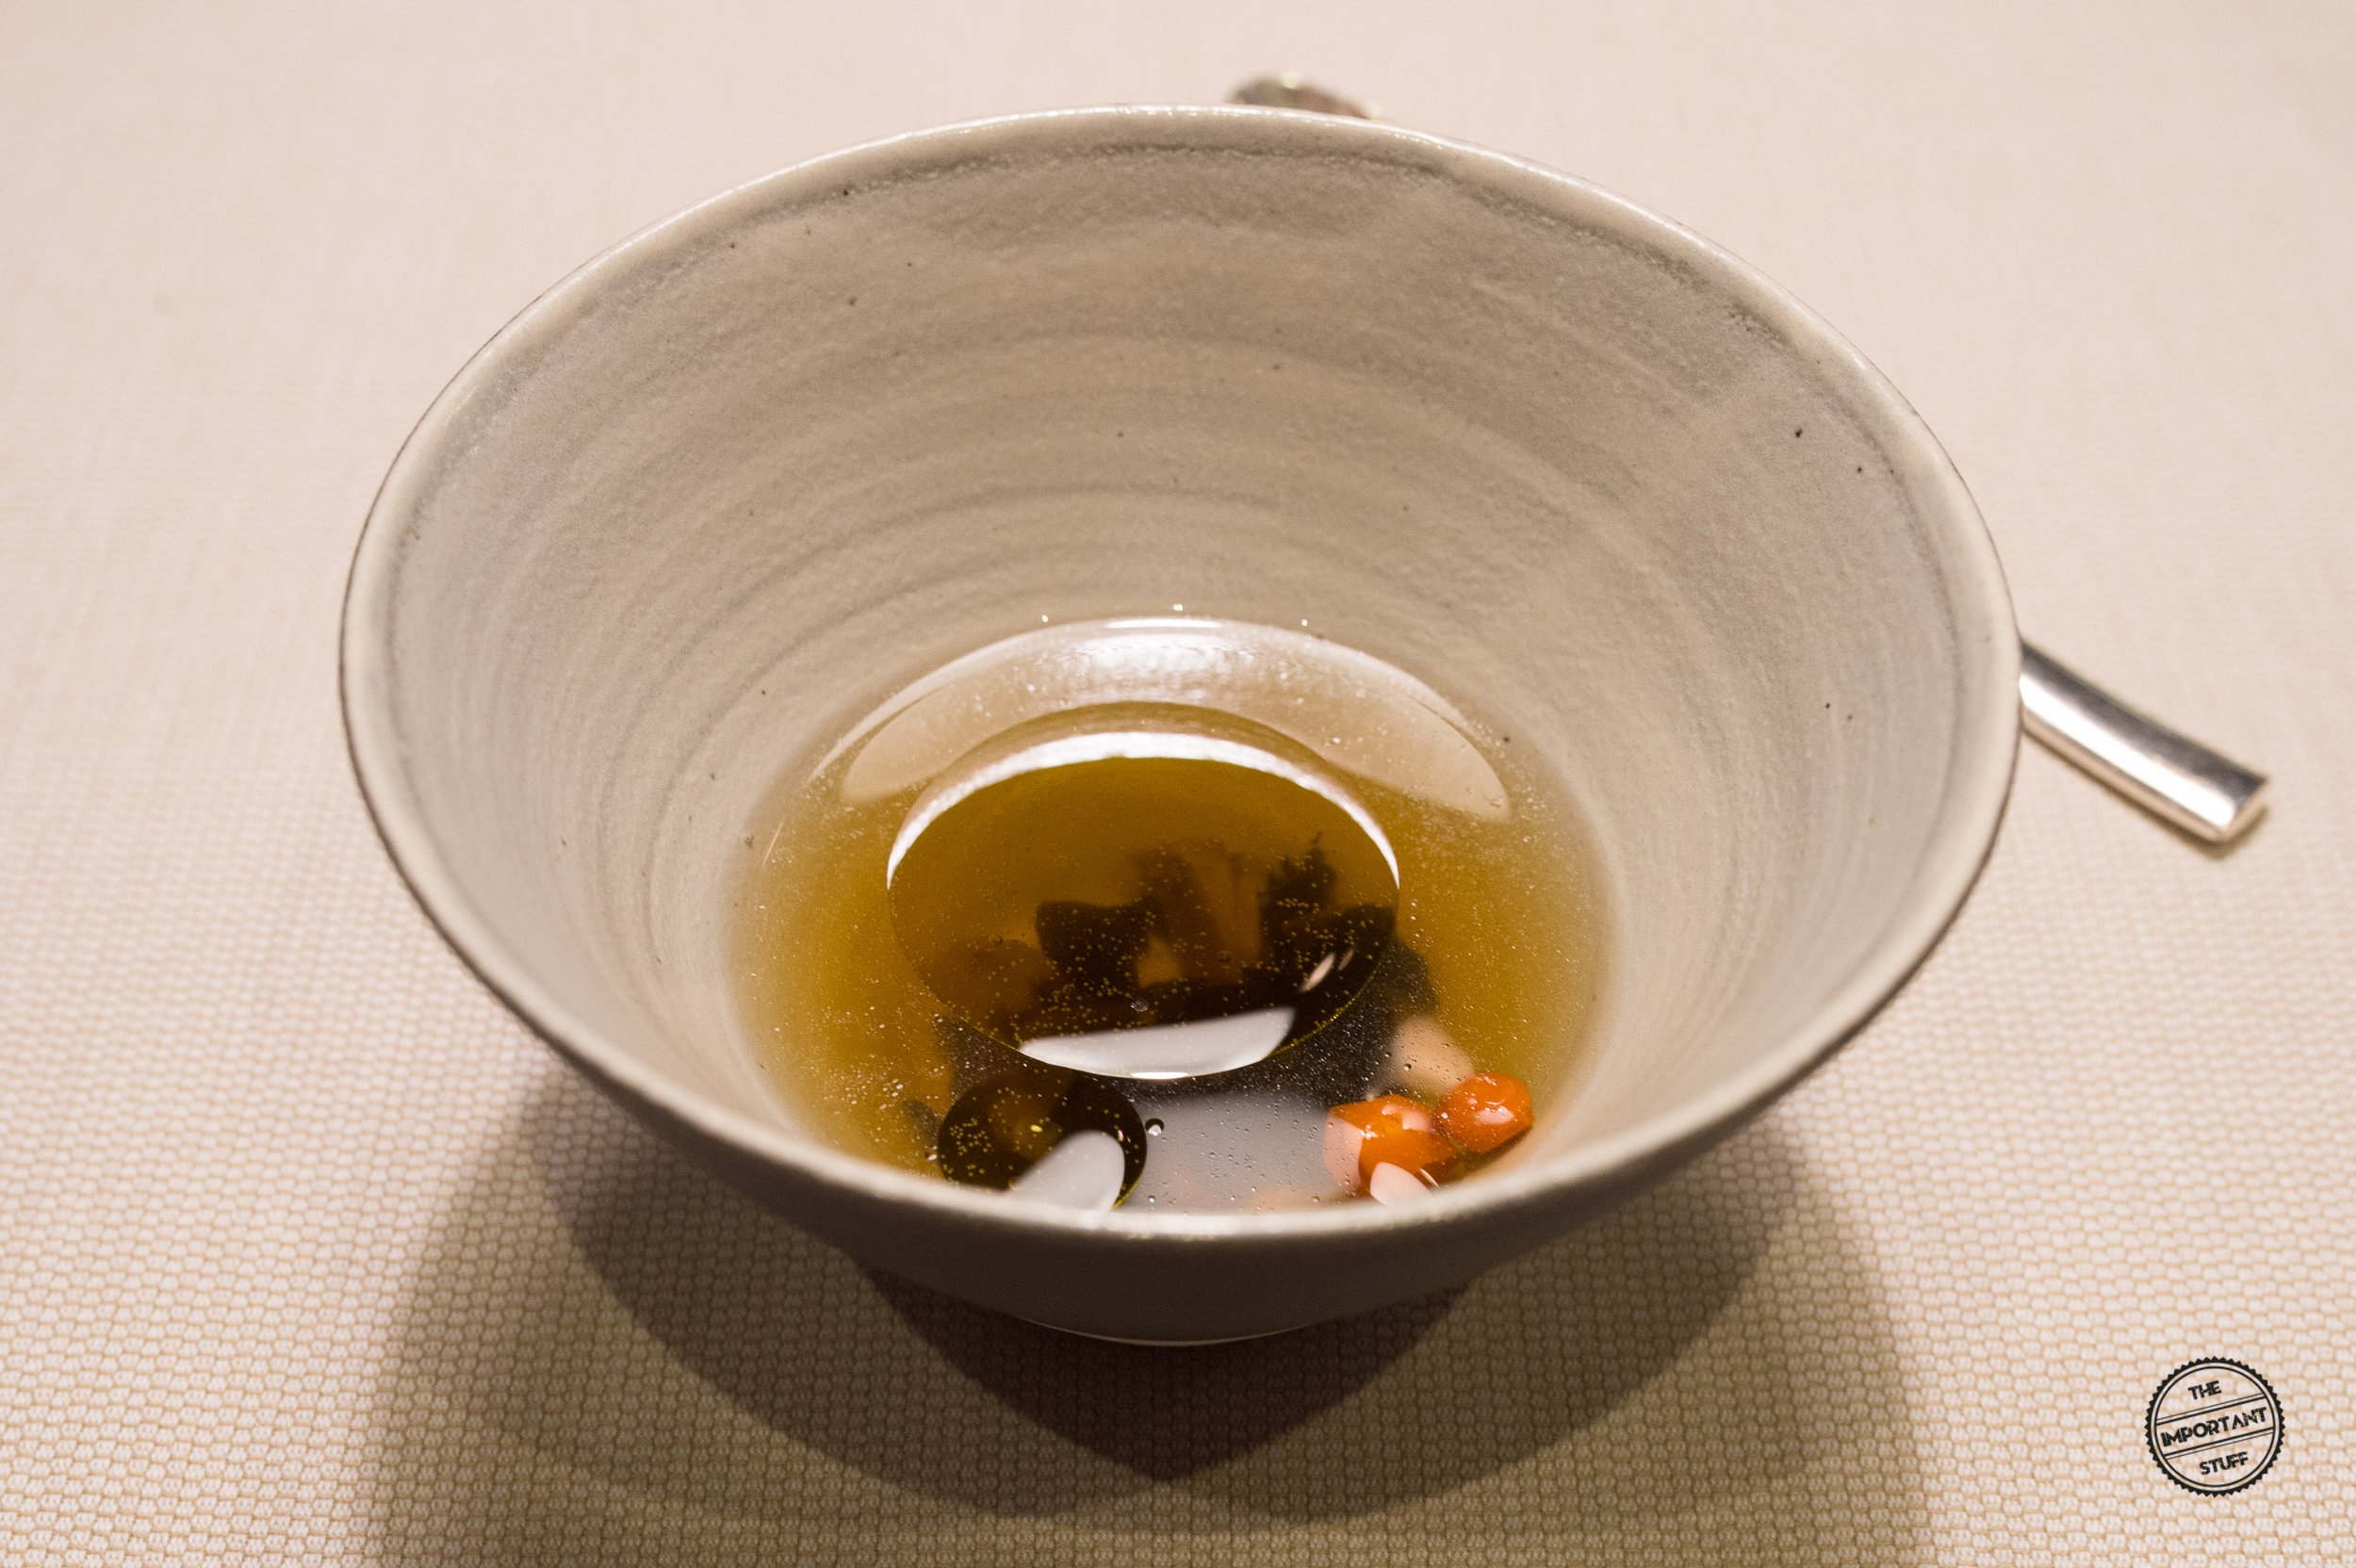 terra_heinrich_schneider_terra_tea